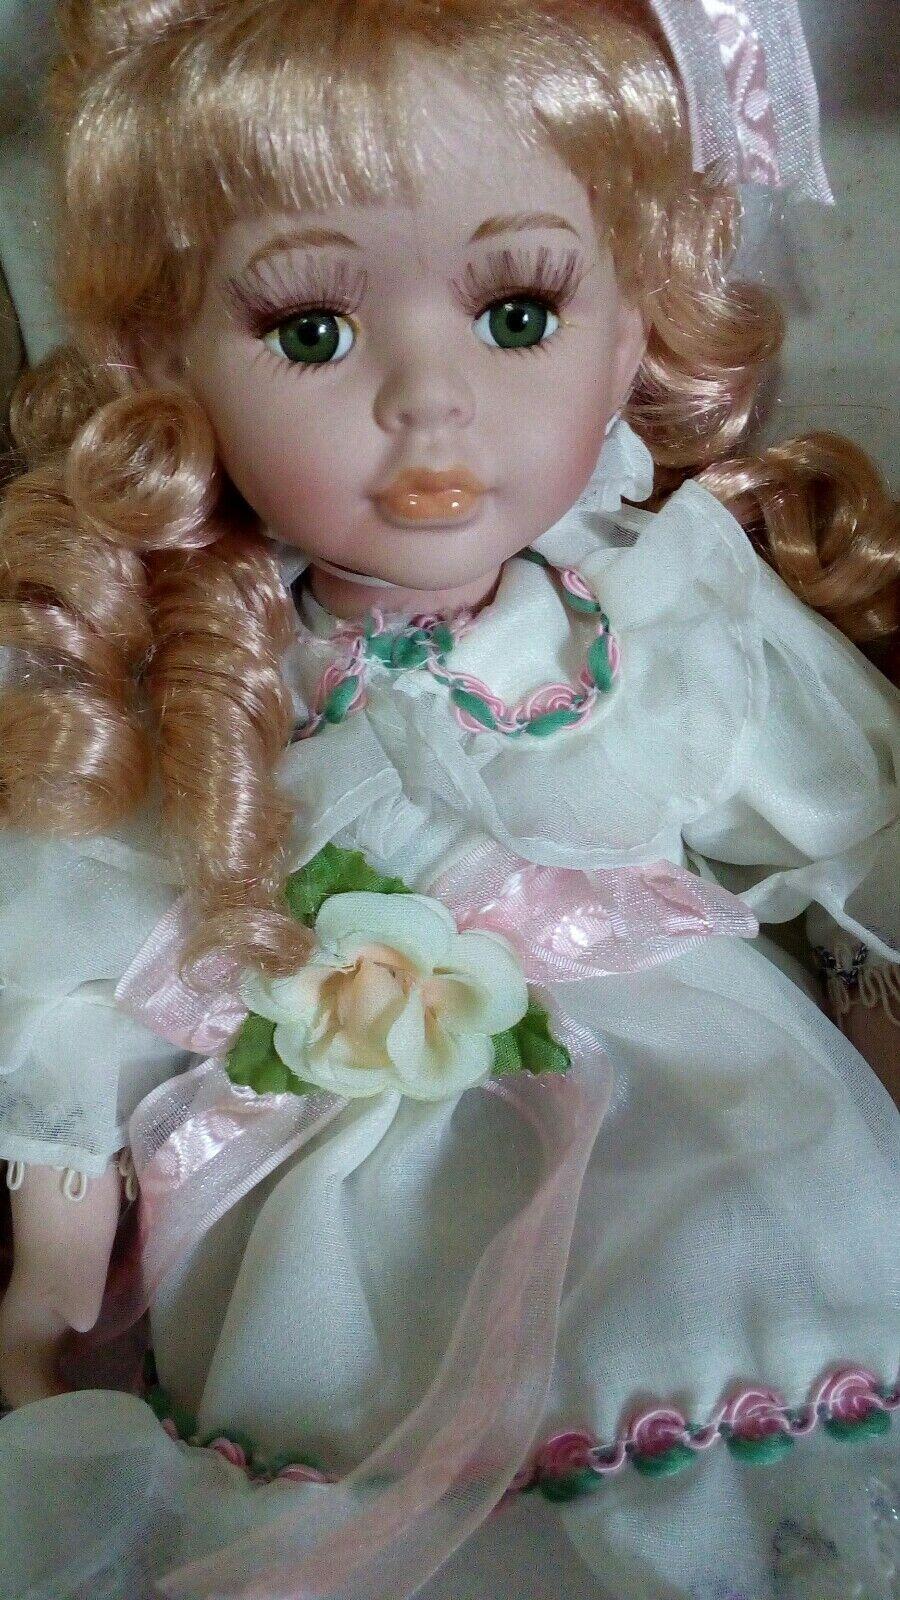 Bambola porcellana bisquit vintage da collezione cm 22 bionda bambola poupee